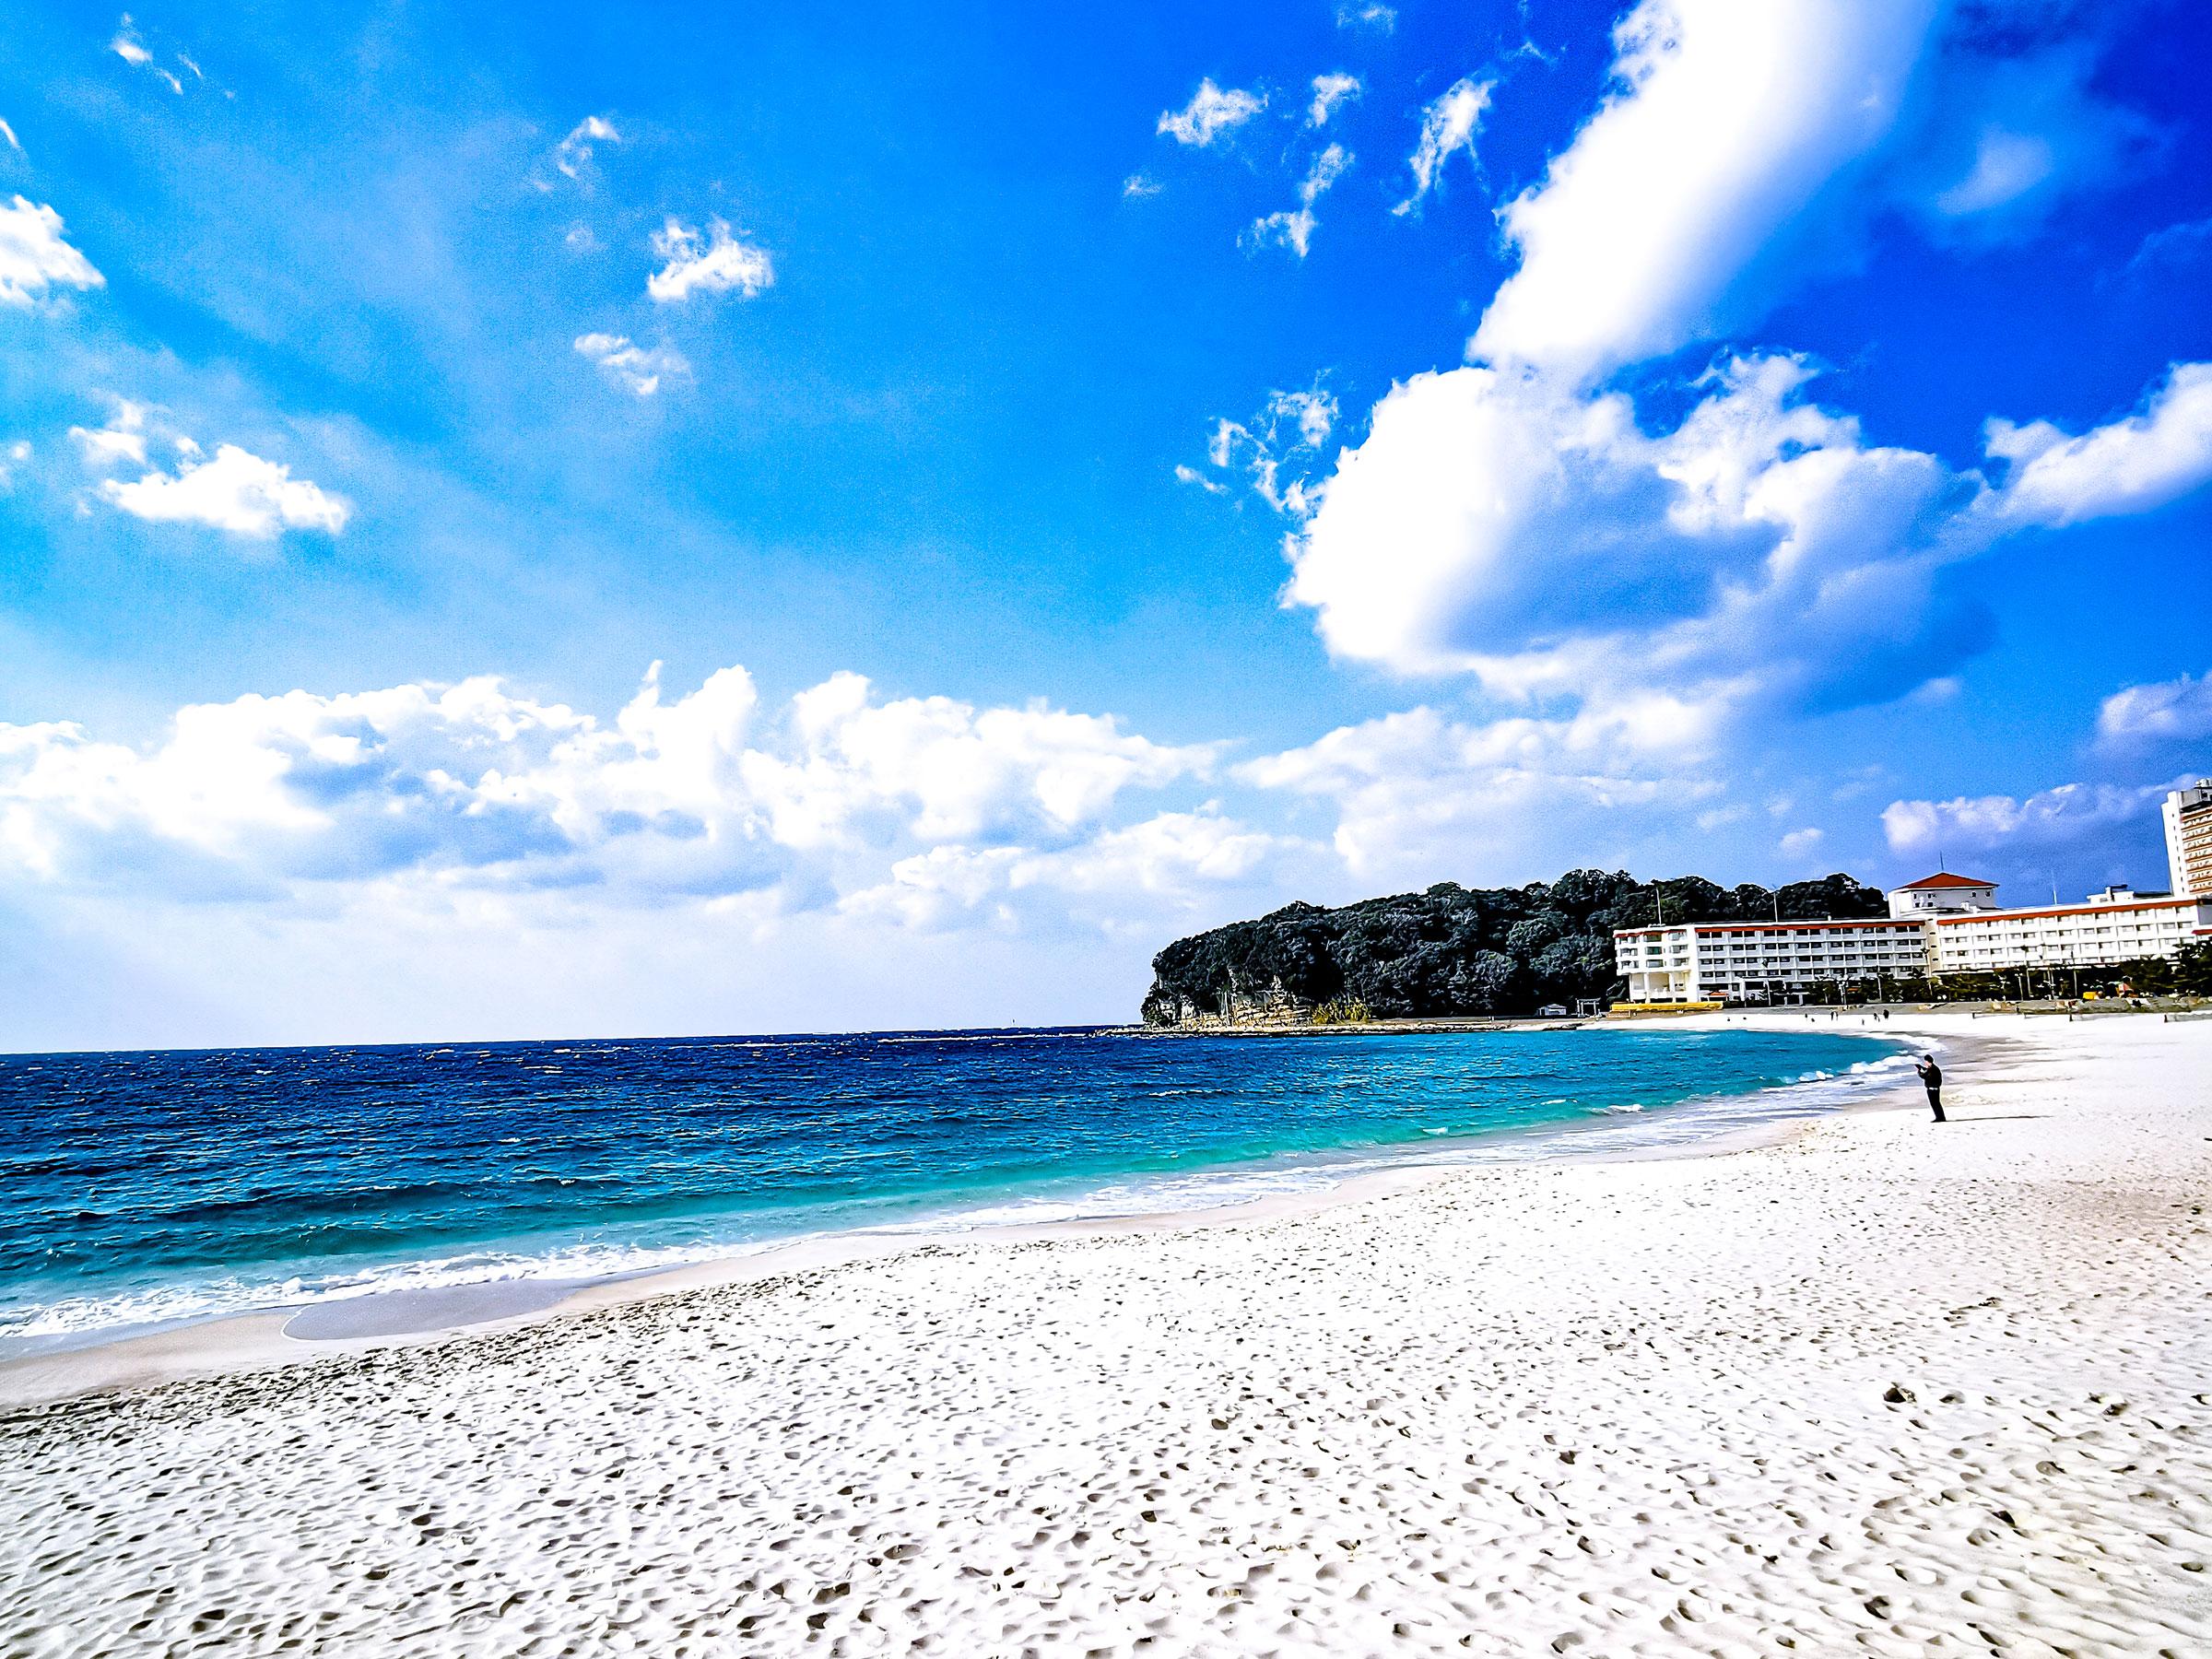 【和歌山県】夏の絶景・風物詩5選 南国ムード漂う美しい白砂の浜